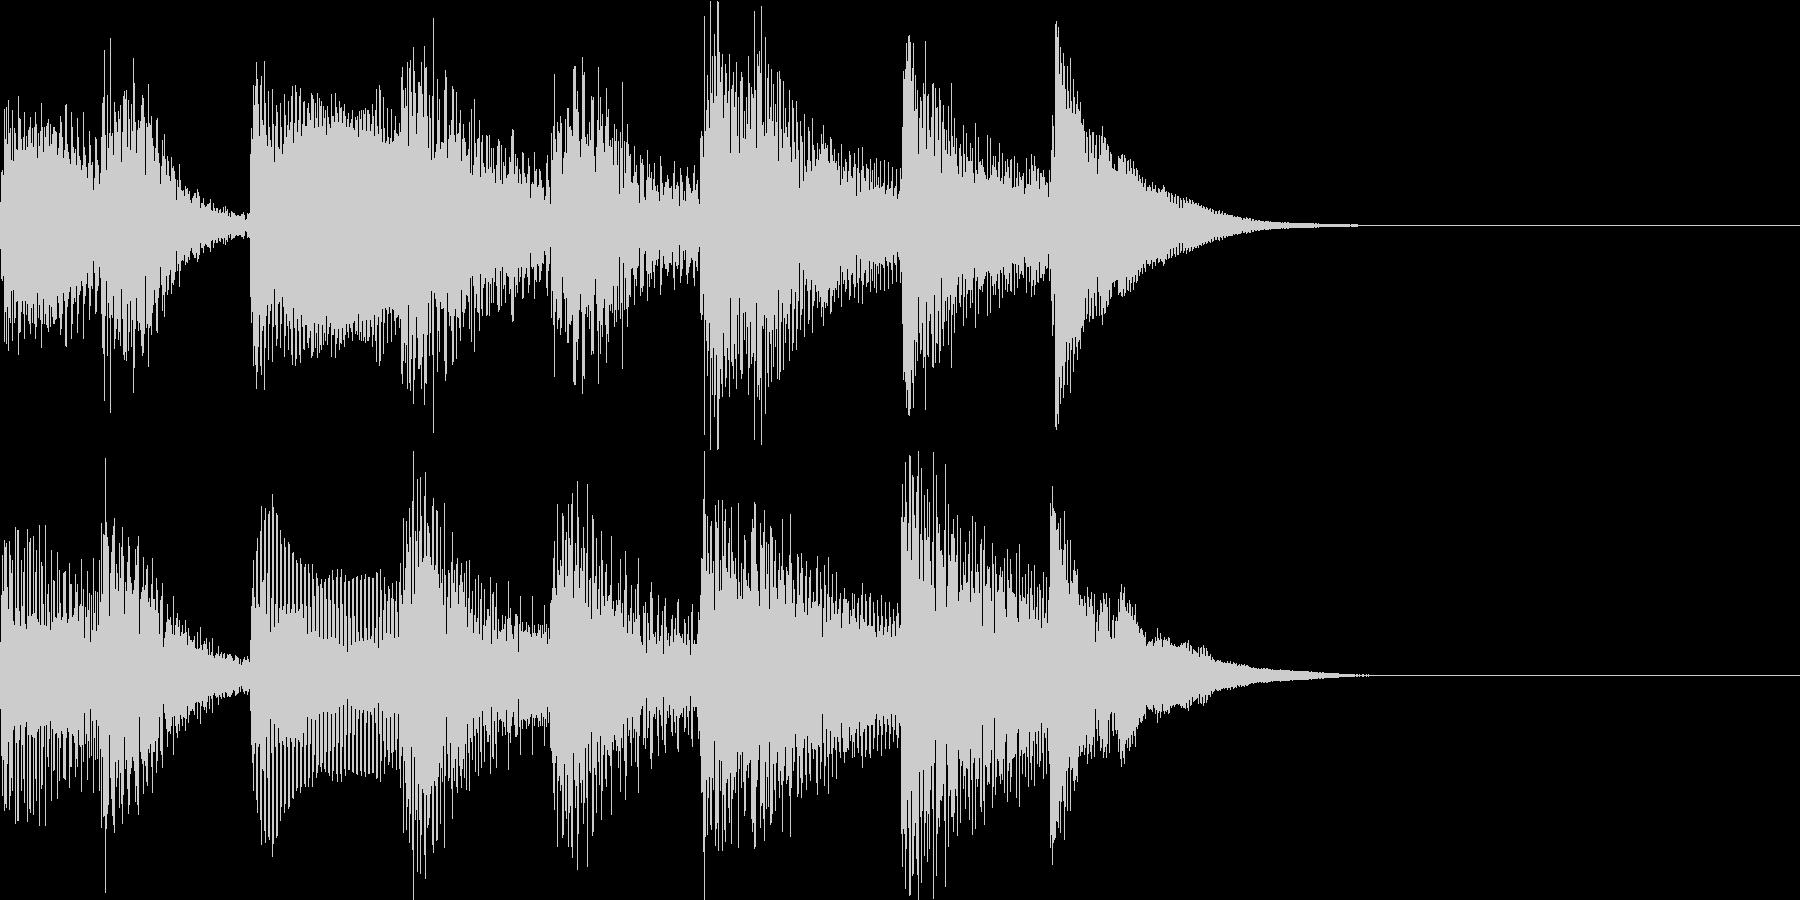 ダークで軽快なピアノのジングルの未再生の波形